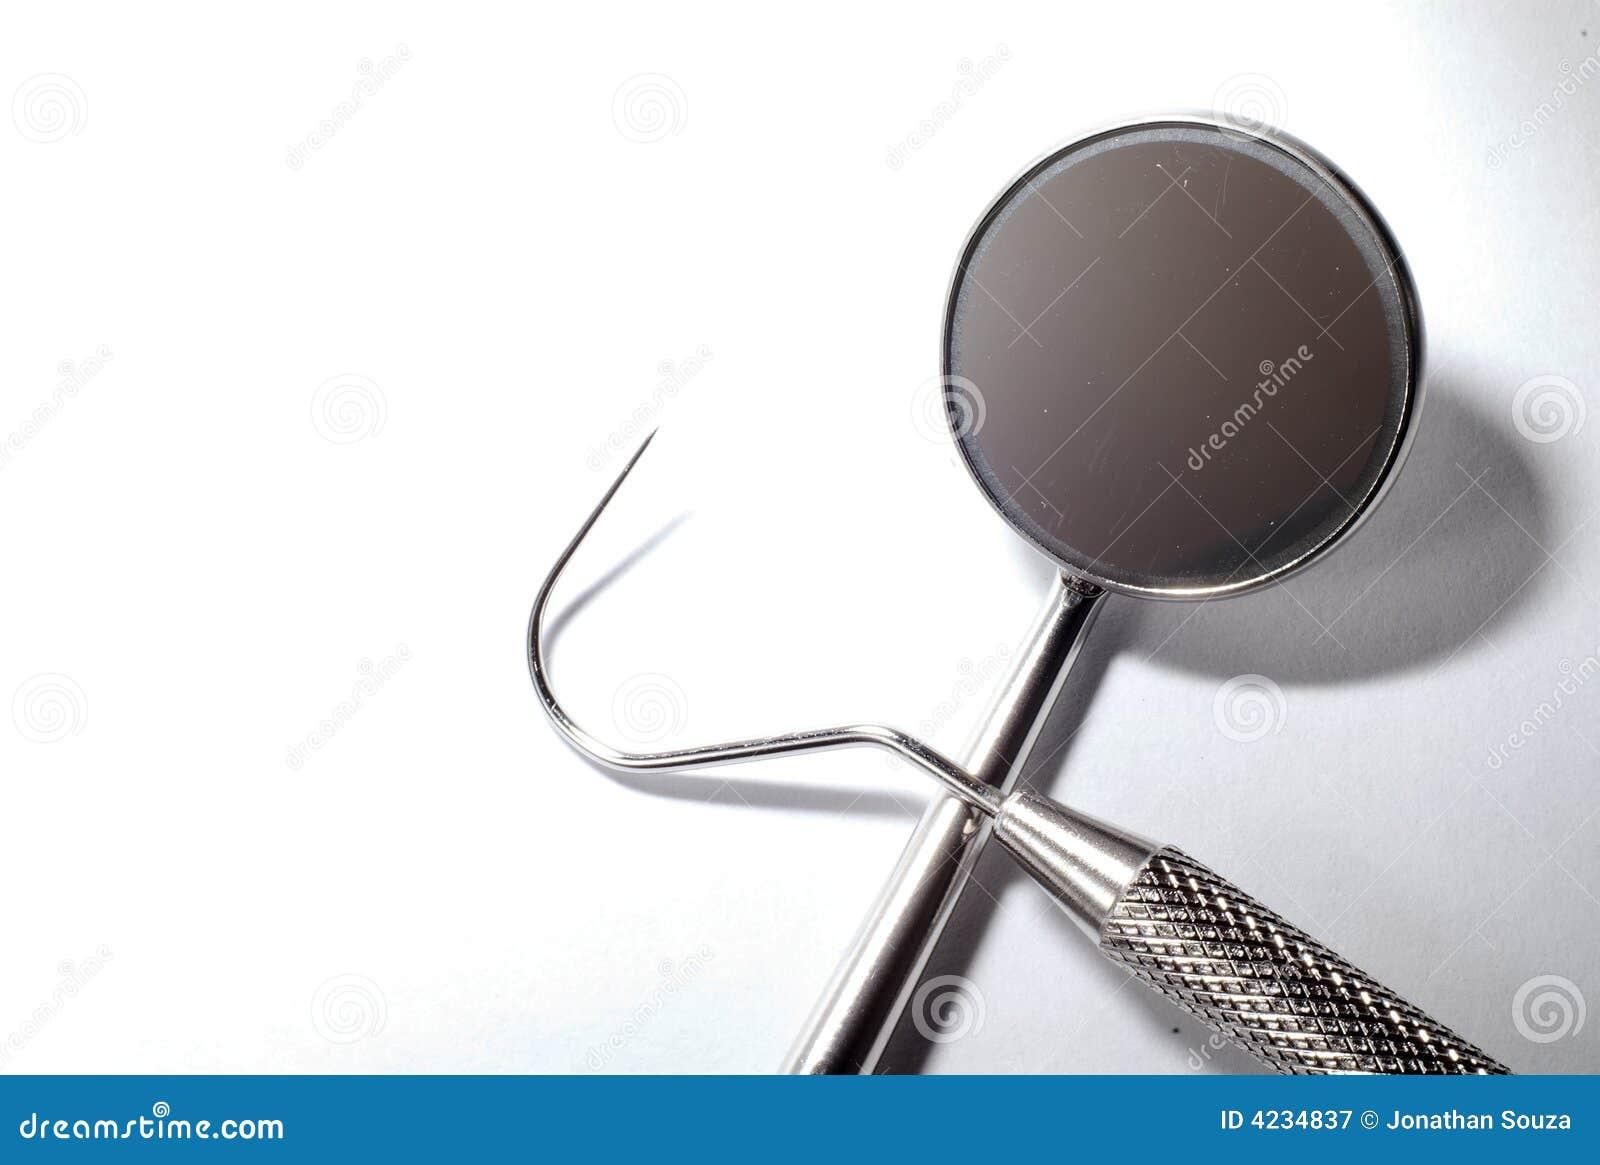 Dentists tools